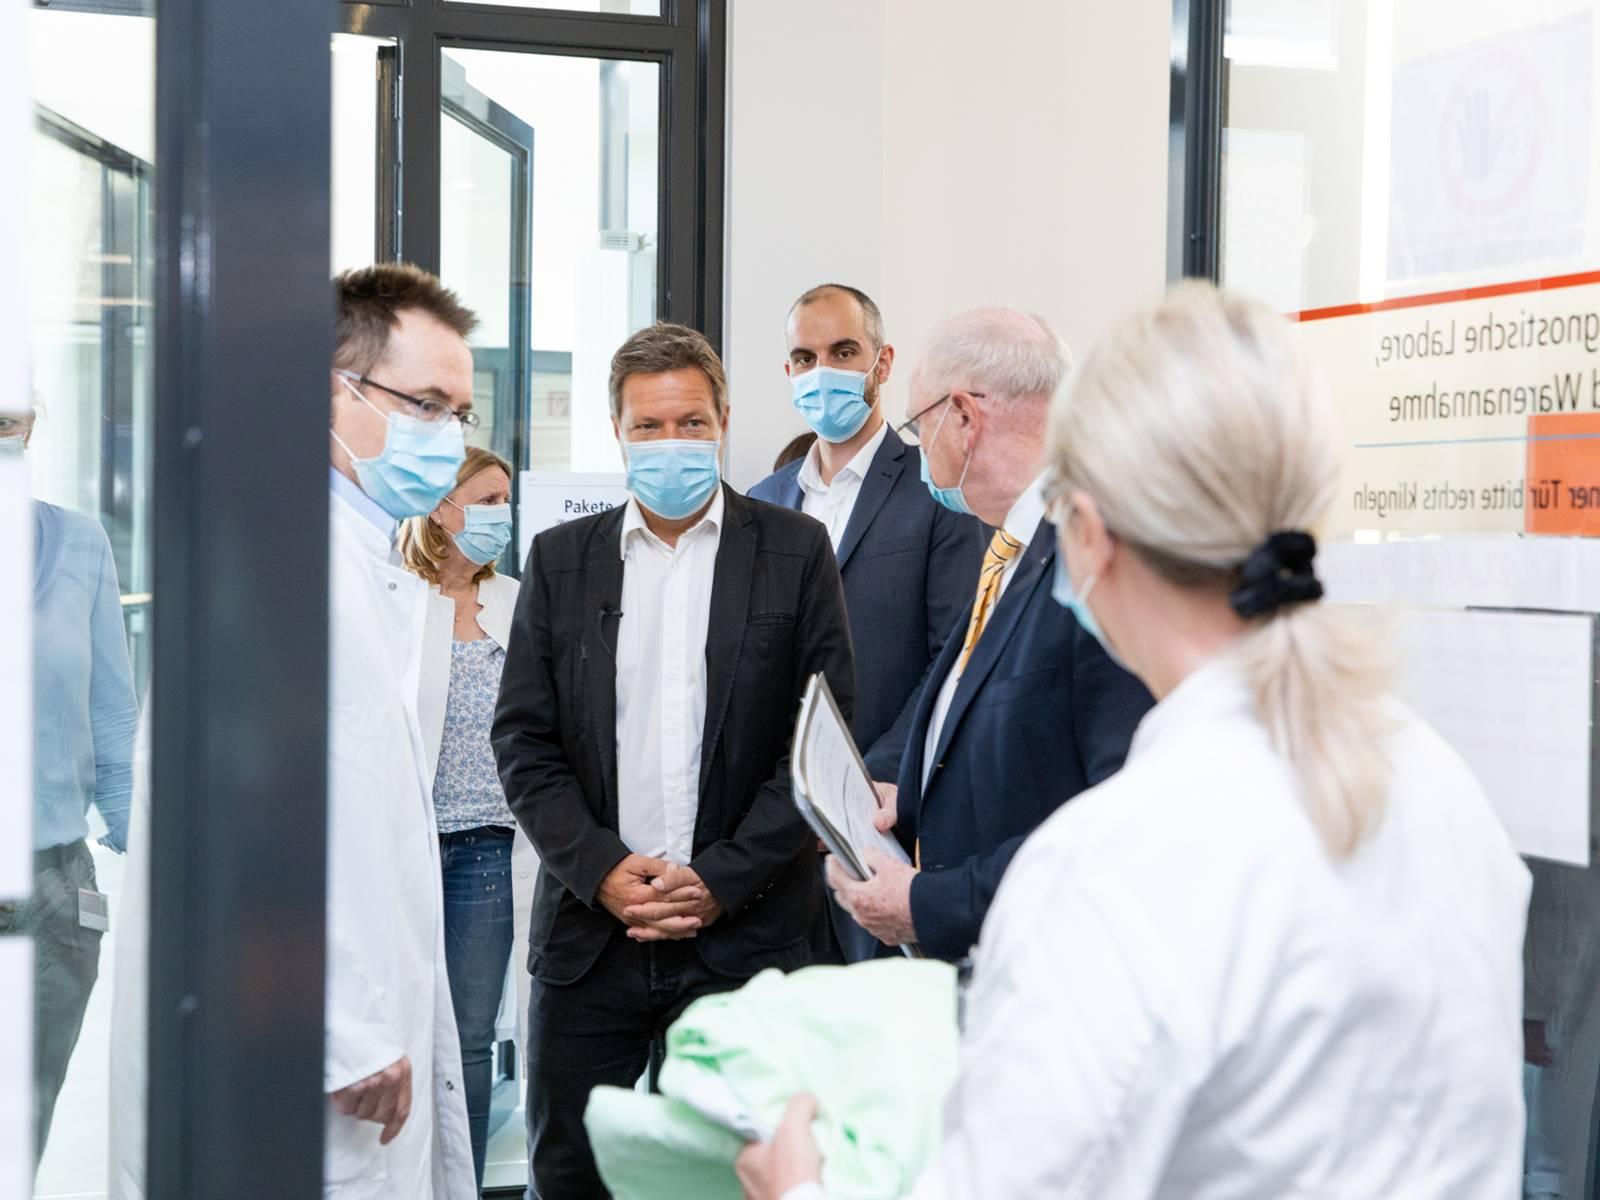 Mehrere Personen mit Schutzmasken in einer Forschungseinrichtung, darunter Oberbürgermeister Belit Onay und Politiker Robert Habeck.